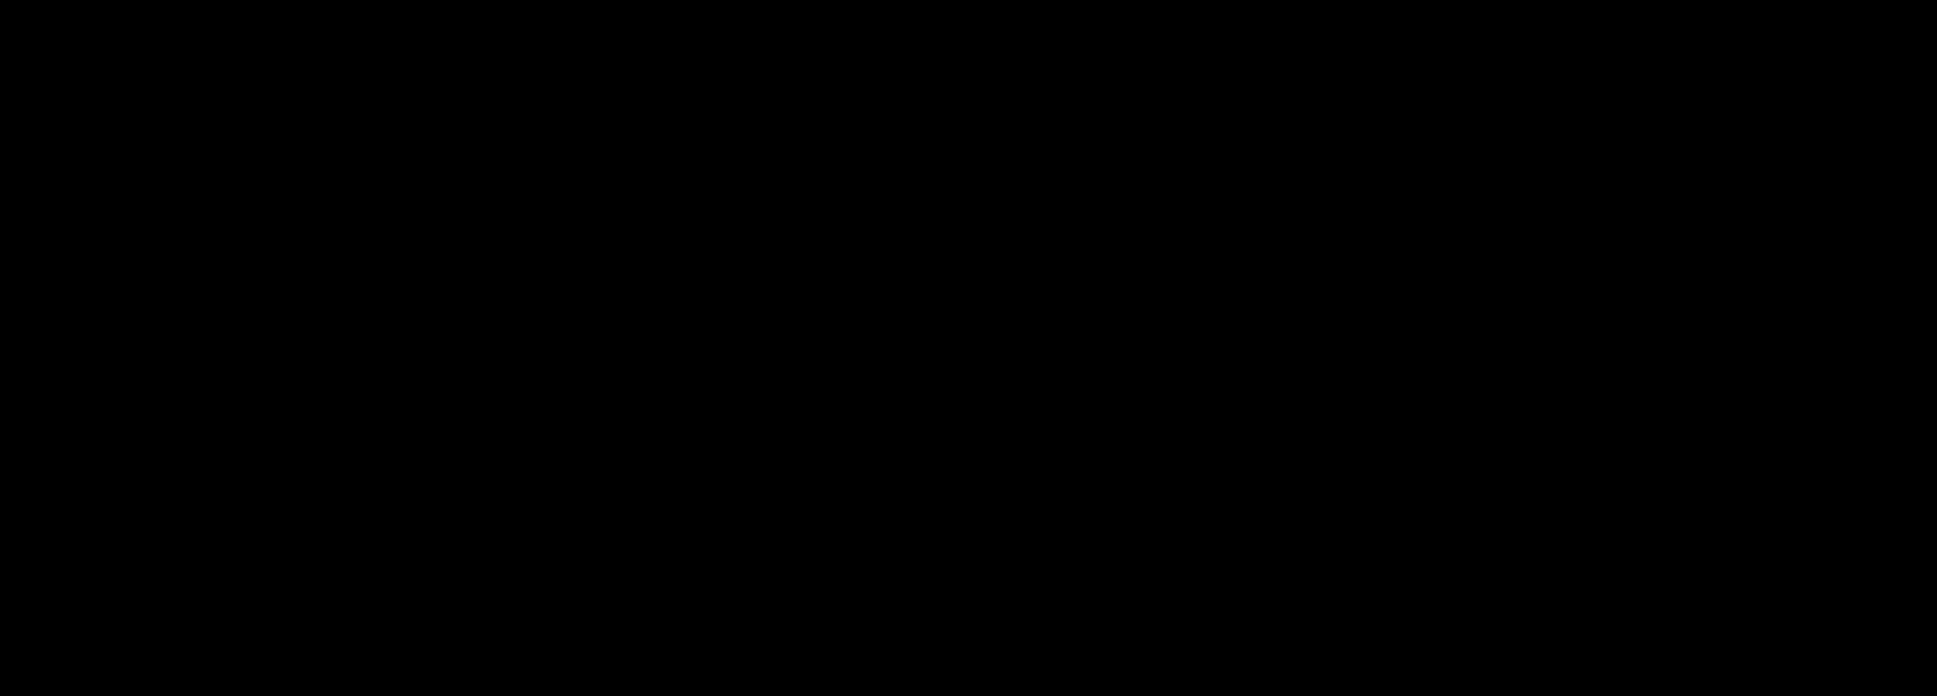 Nordihydrocapsaicin-d<sub>3</sub>